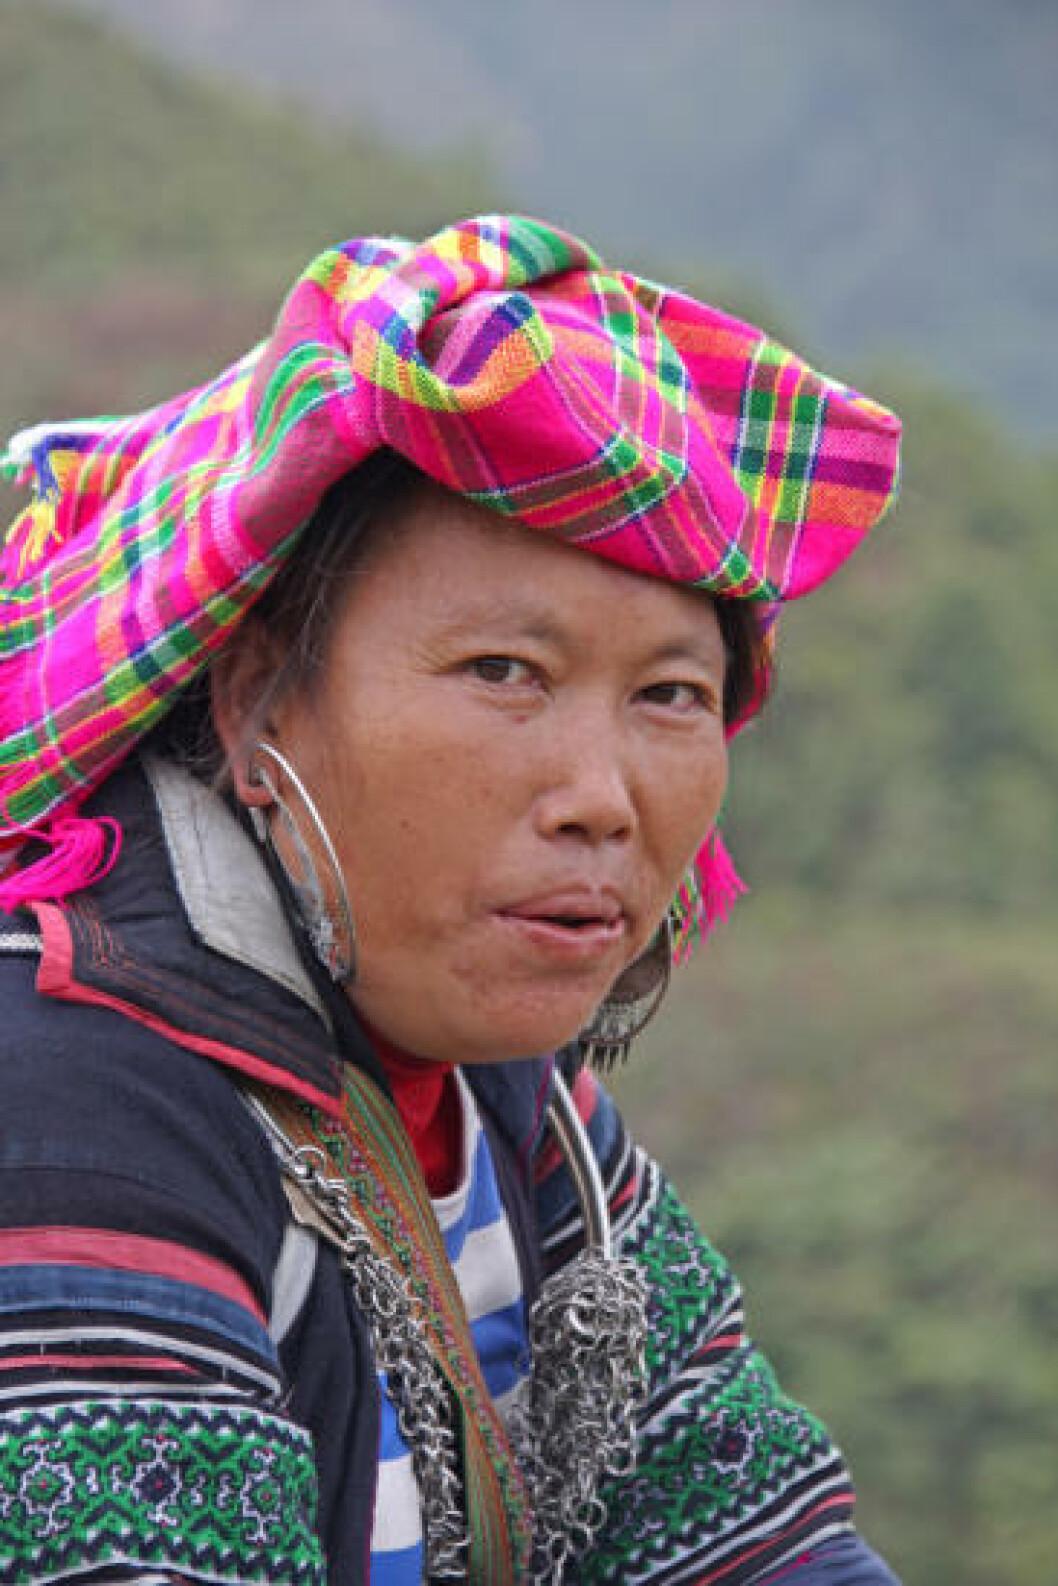 SAPA: Sapa er interessant både som kulturelt og aktivt reisemål, og det er fotturister som virkelig har satt fjellbyen på kartet. Foto: KJERSTI VANGERUD